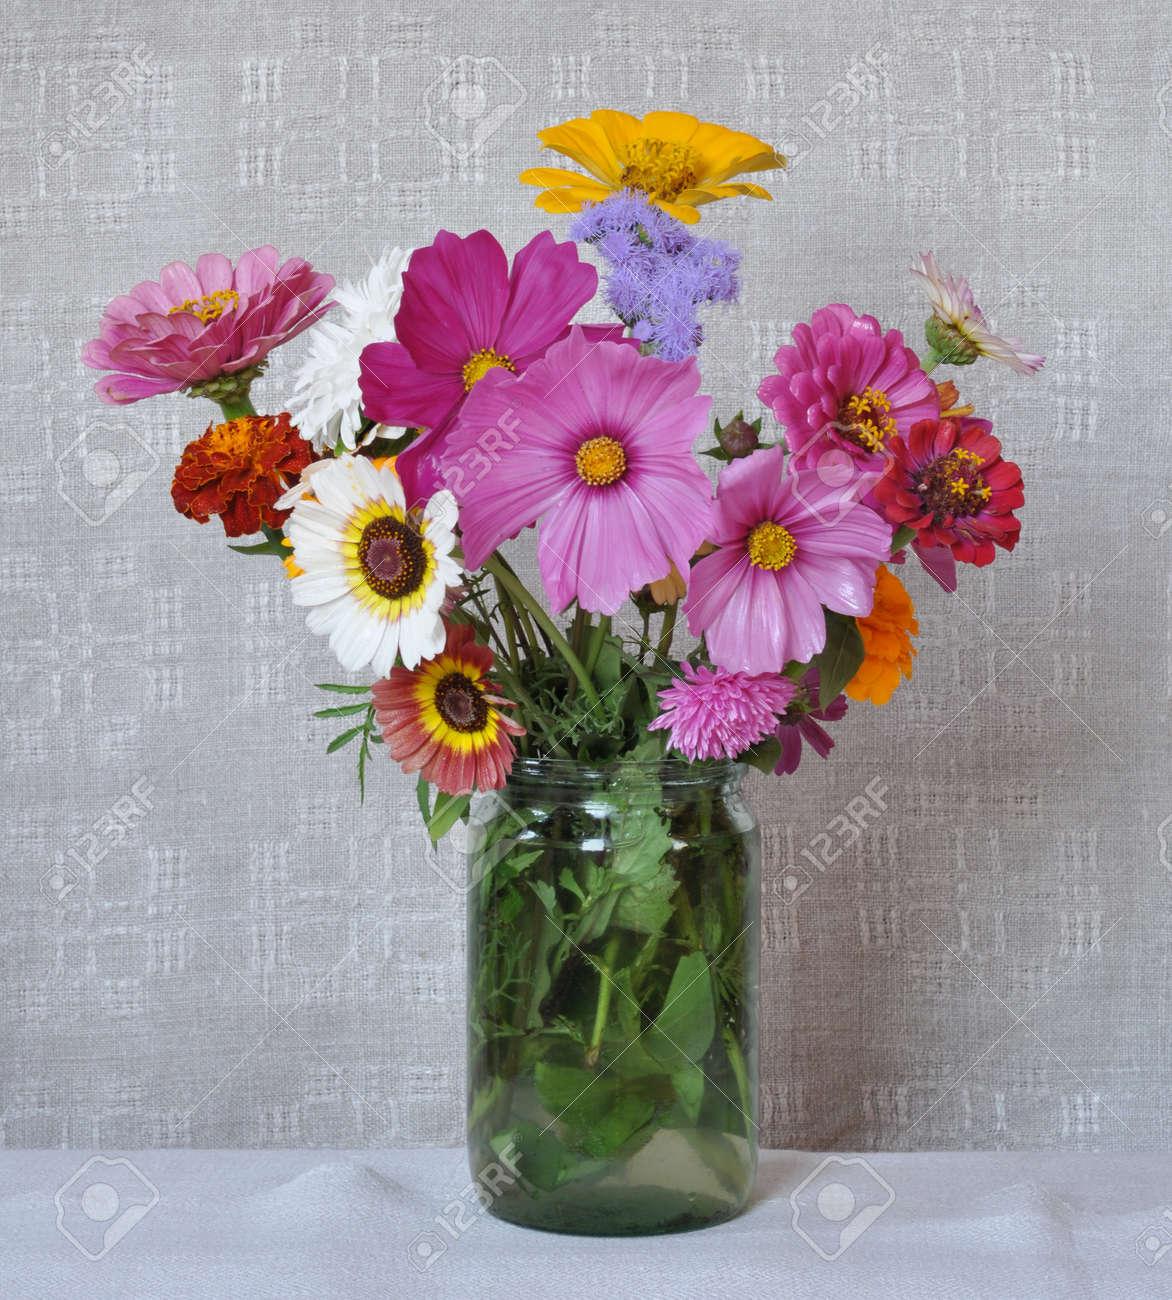 Außergewöhnlich Blumenstrauß, Garten, Blumen Auf Dem Hintergrund Einer Alten &YO_46